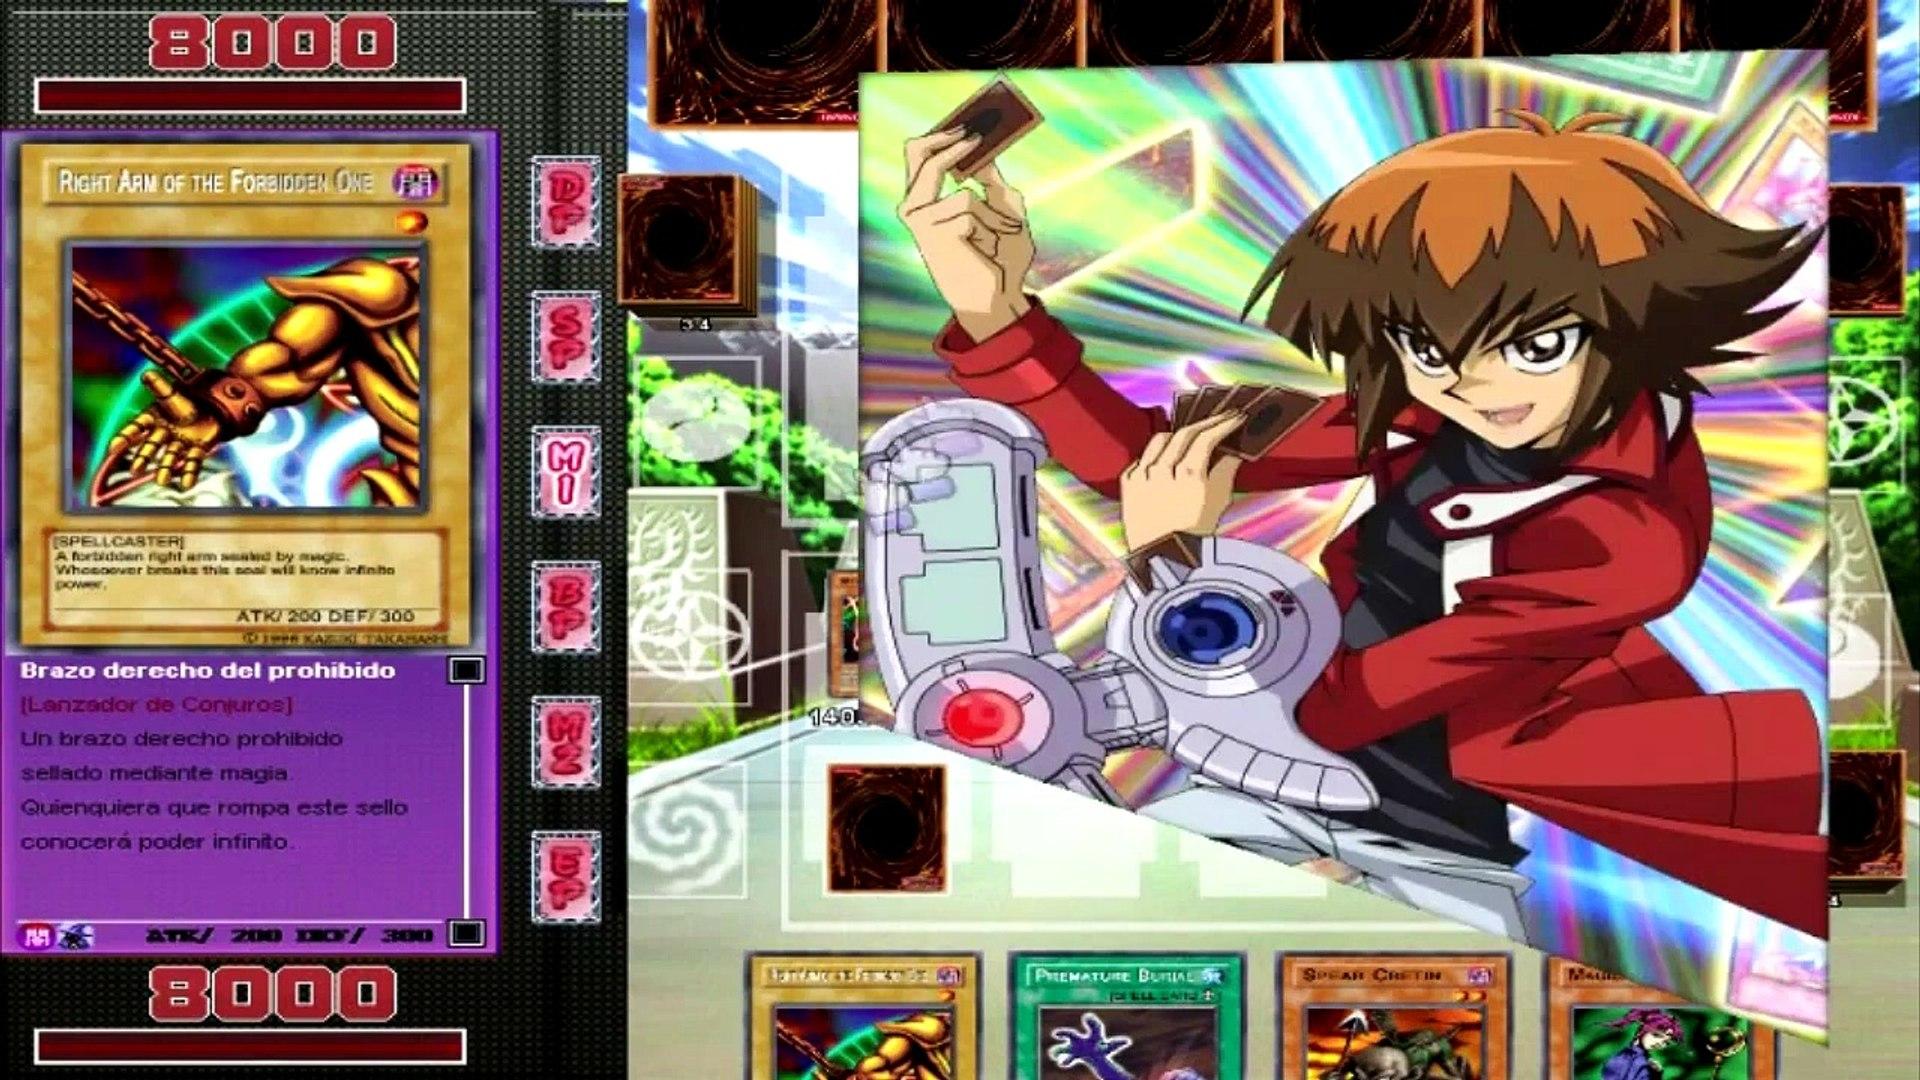 Yu-Gi-Oh | GX JTF | Deck de Exodia